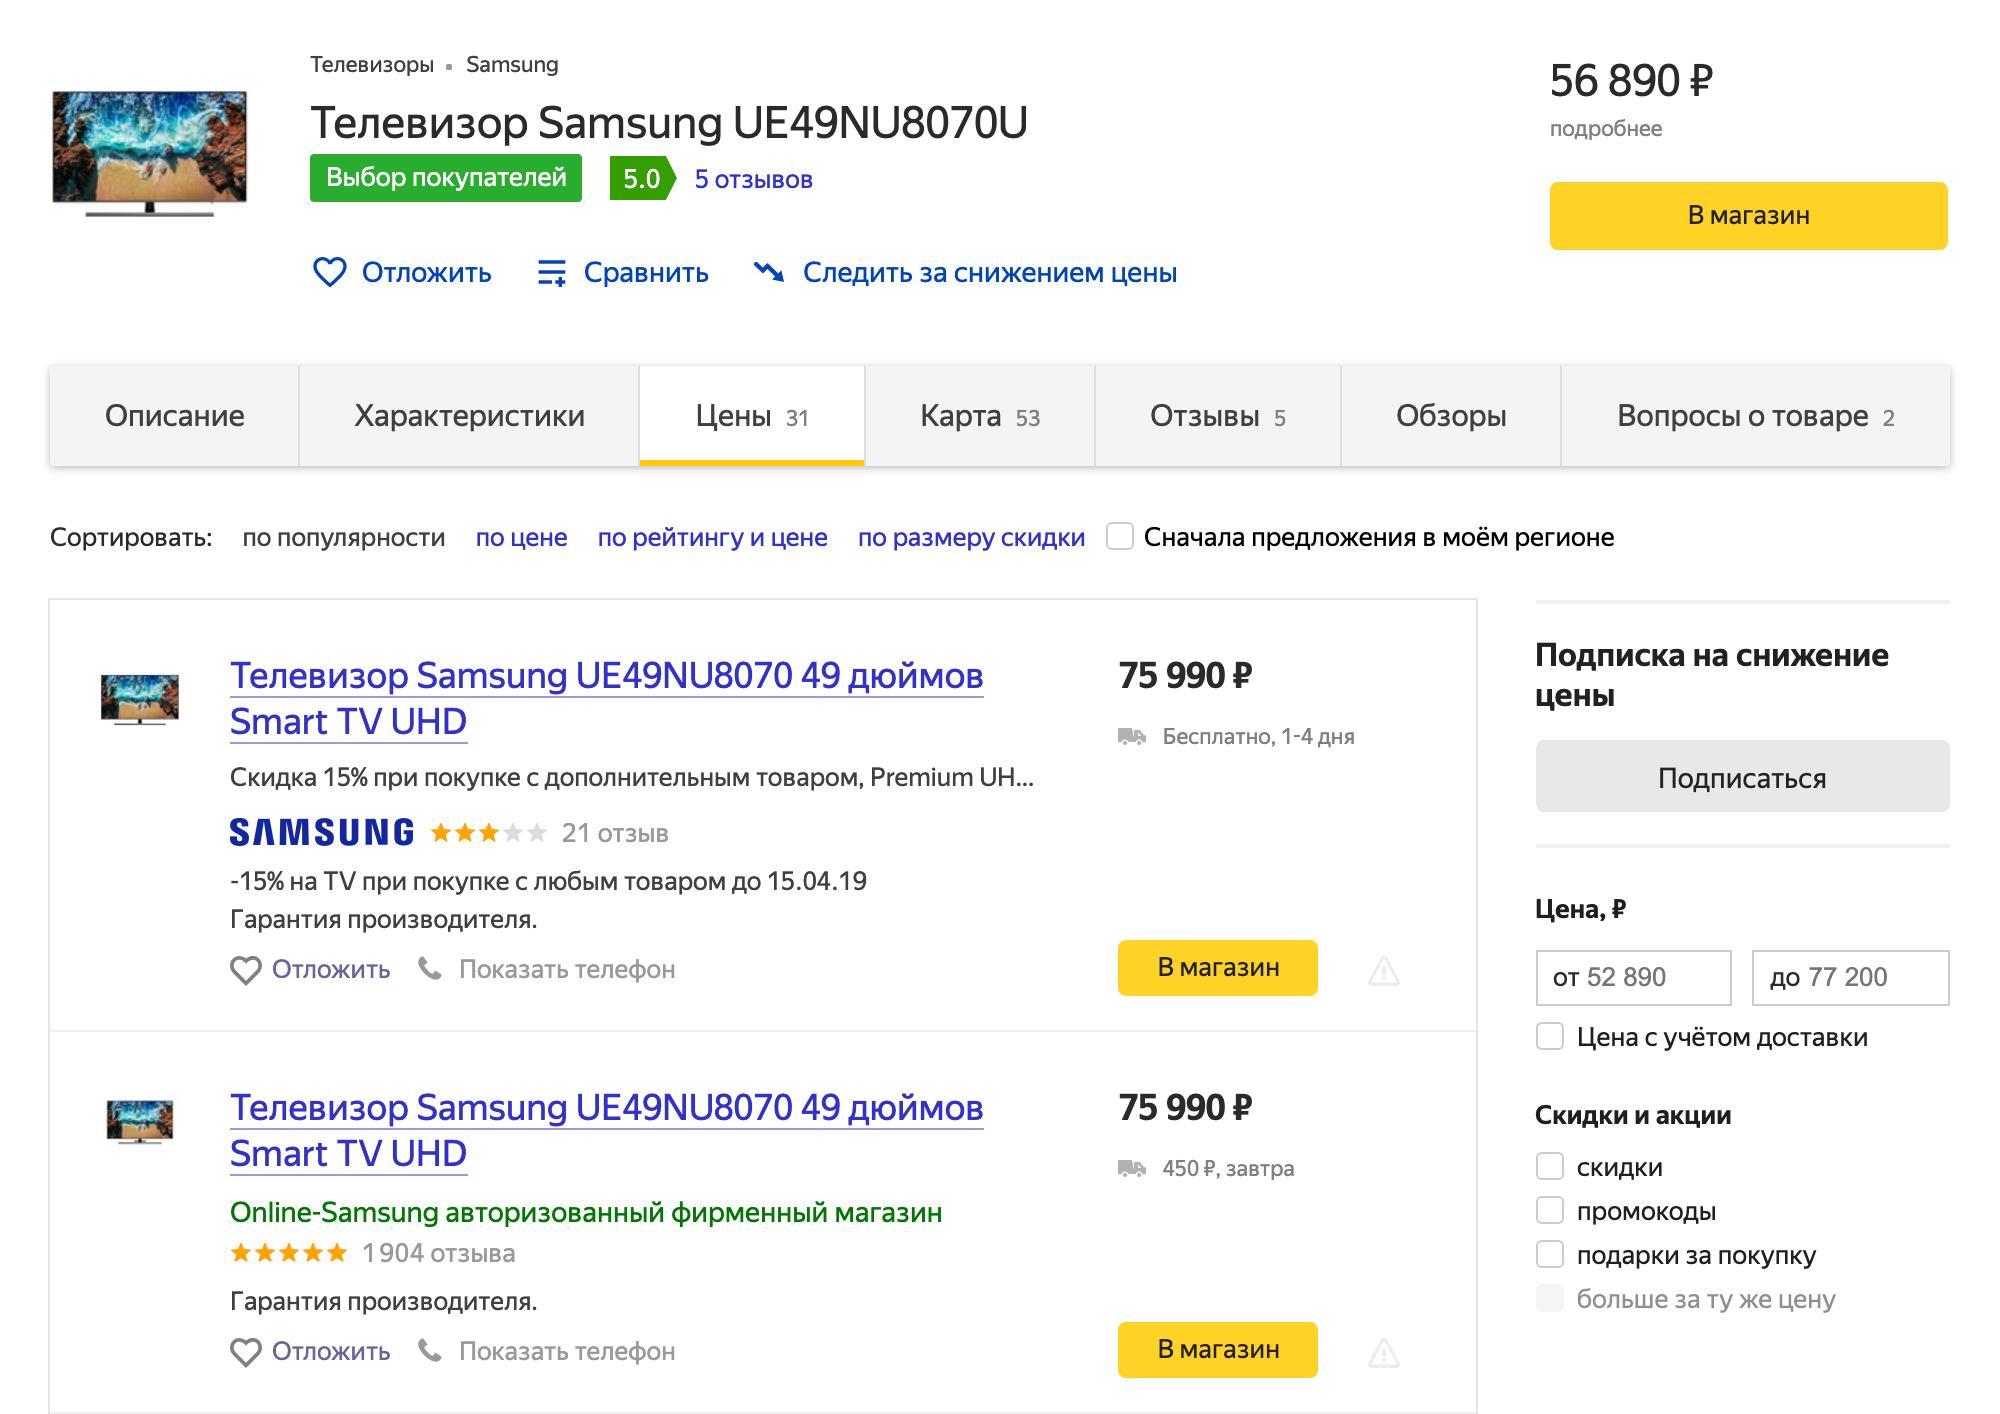 Ценник на такую модель на «Яндекс-маркете» — от 52 890<span class=ruble>Р</span> до 77 200<span class=ruble>Р</span>